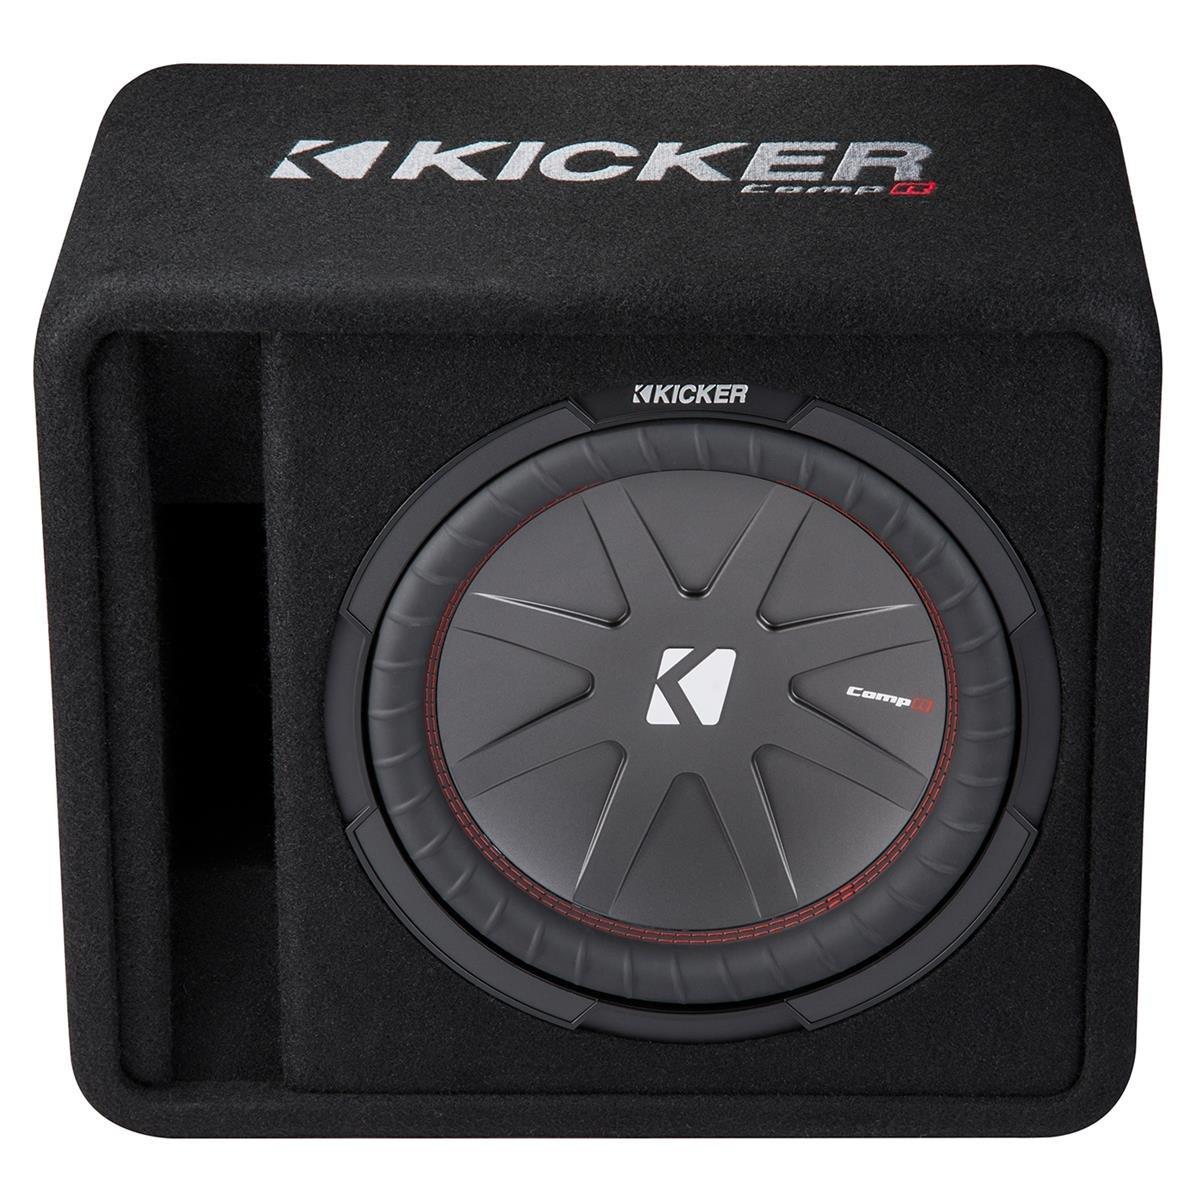 Kicker VCWR122 (43VCWR122) 12'' Single Subwoofer Enclosure